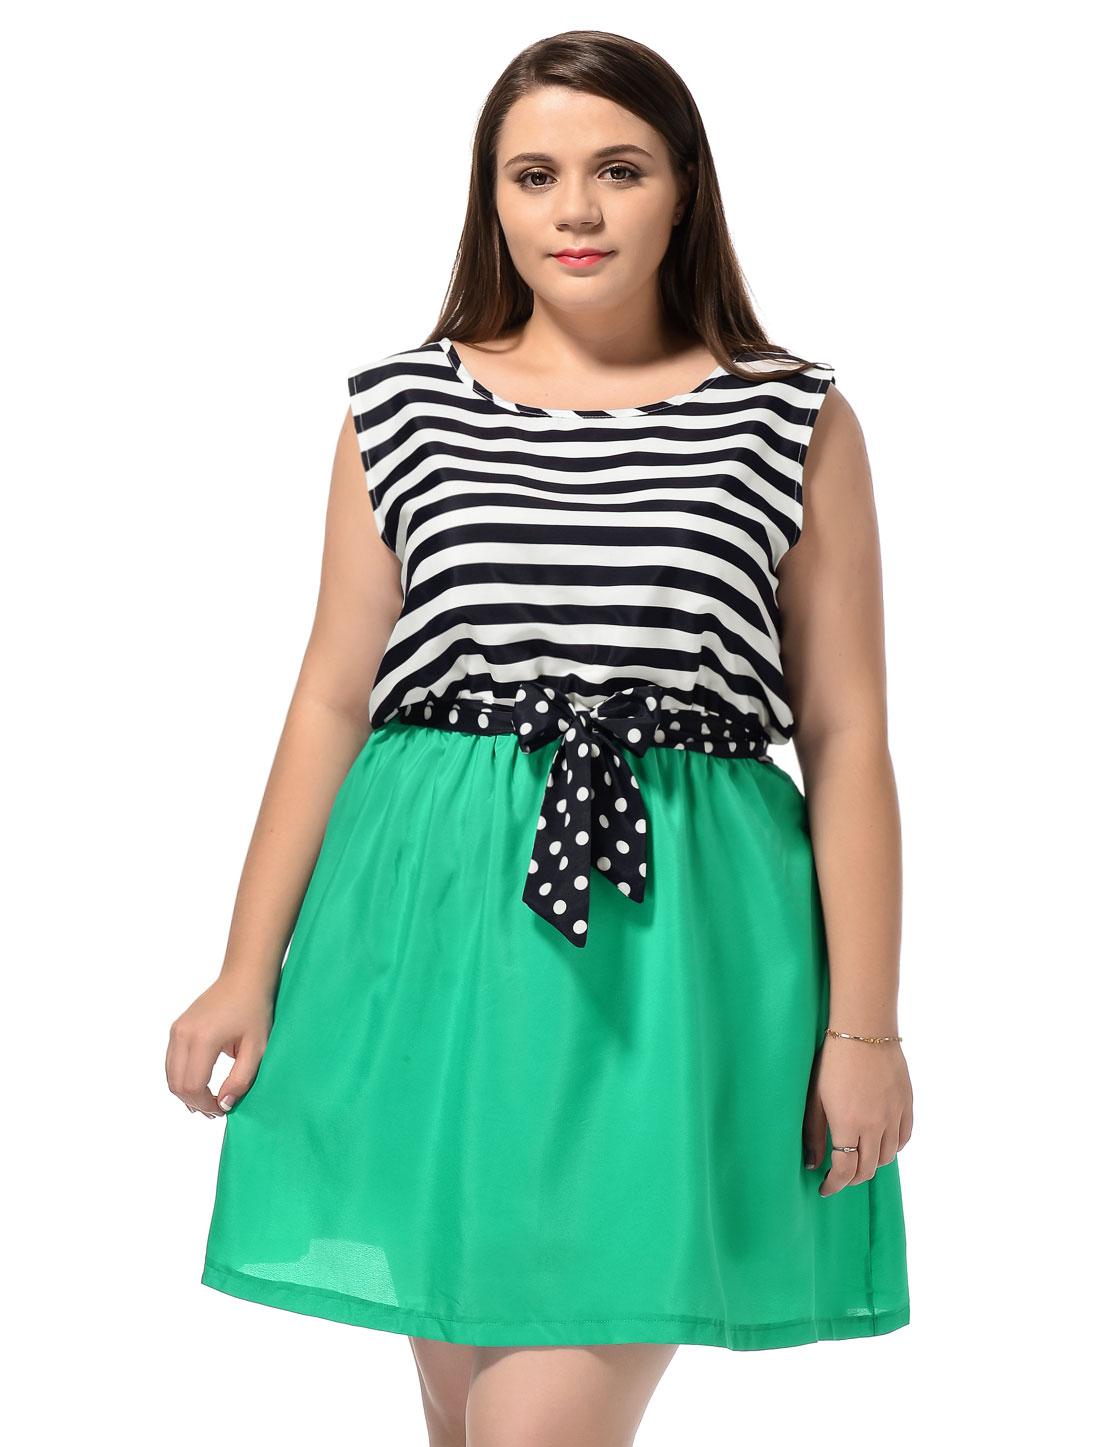 Ladies Plus Size Teal Sleeveless Horizontal Stripes Casual Mini Dress 3X